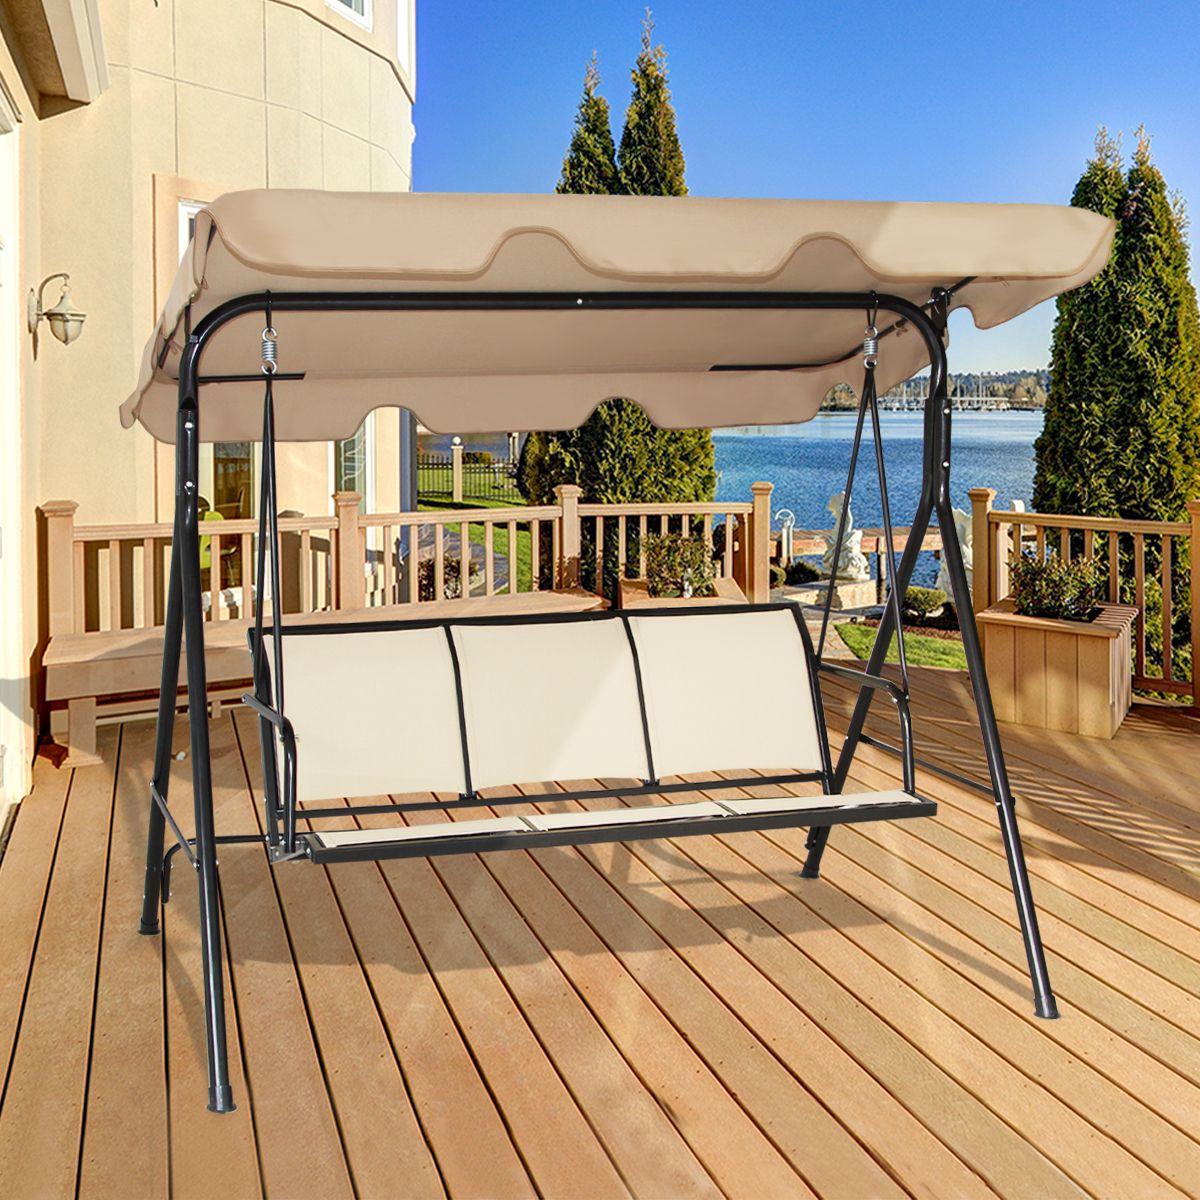 Sedie A Dondolo Per Terrazzo questa #sedia a #dondolo ha un disegno #moderno e #semplice